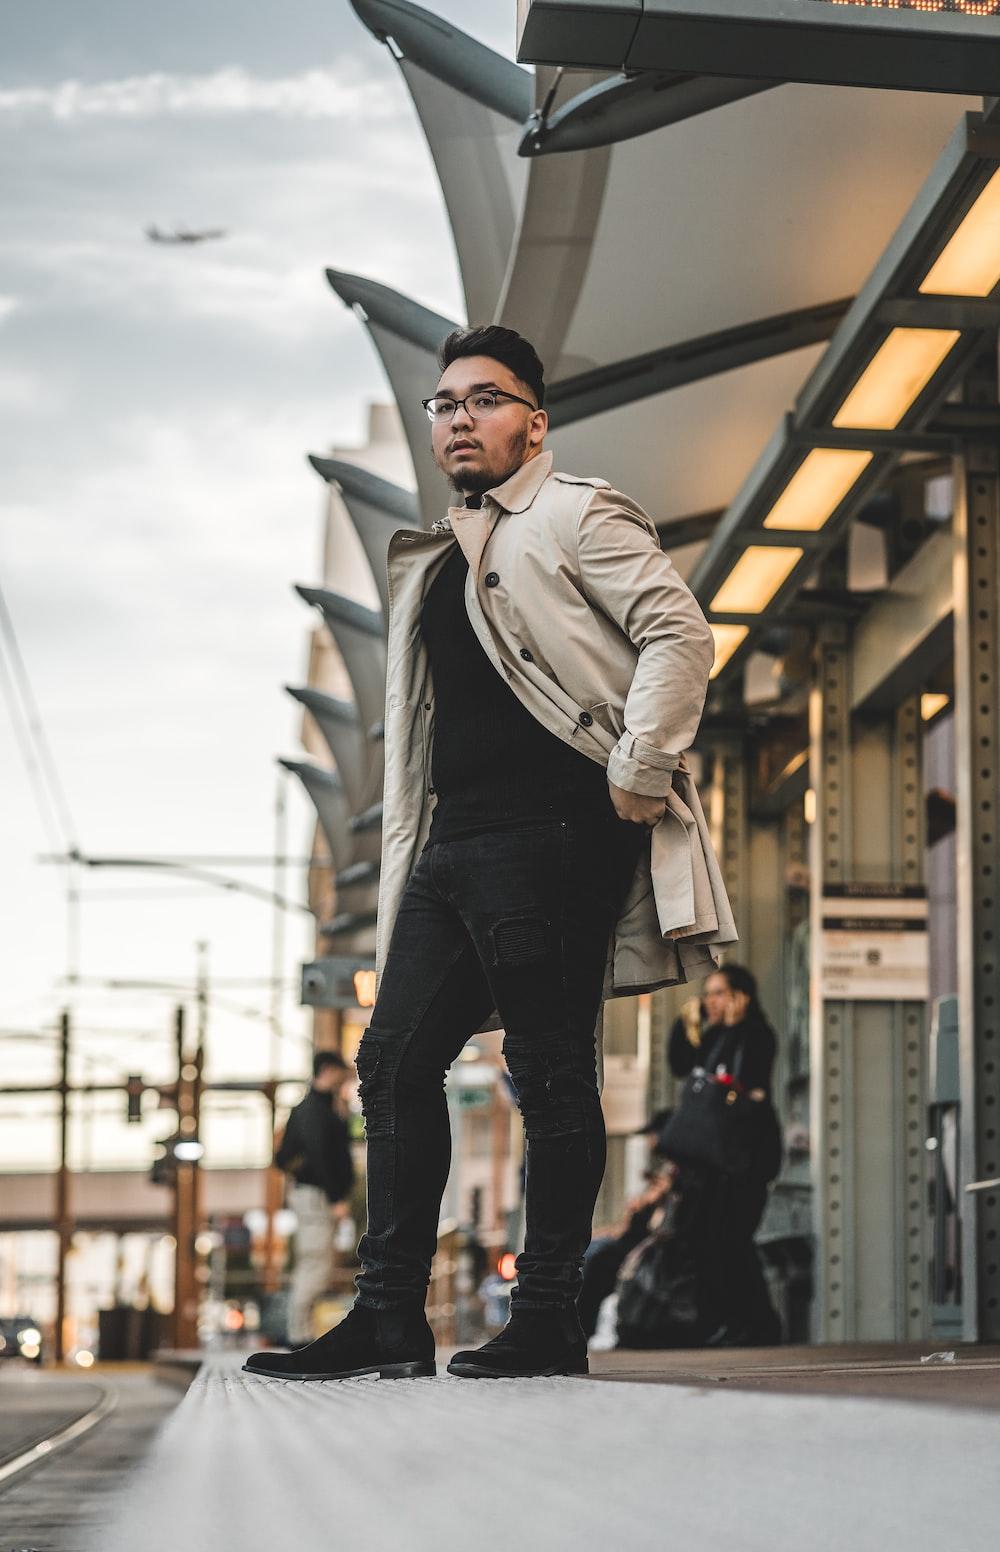 standing man wearing coat